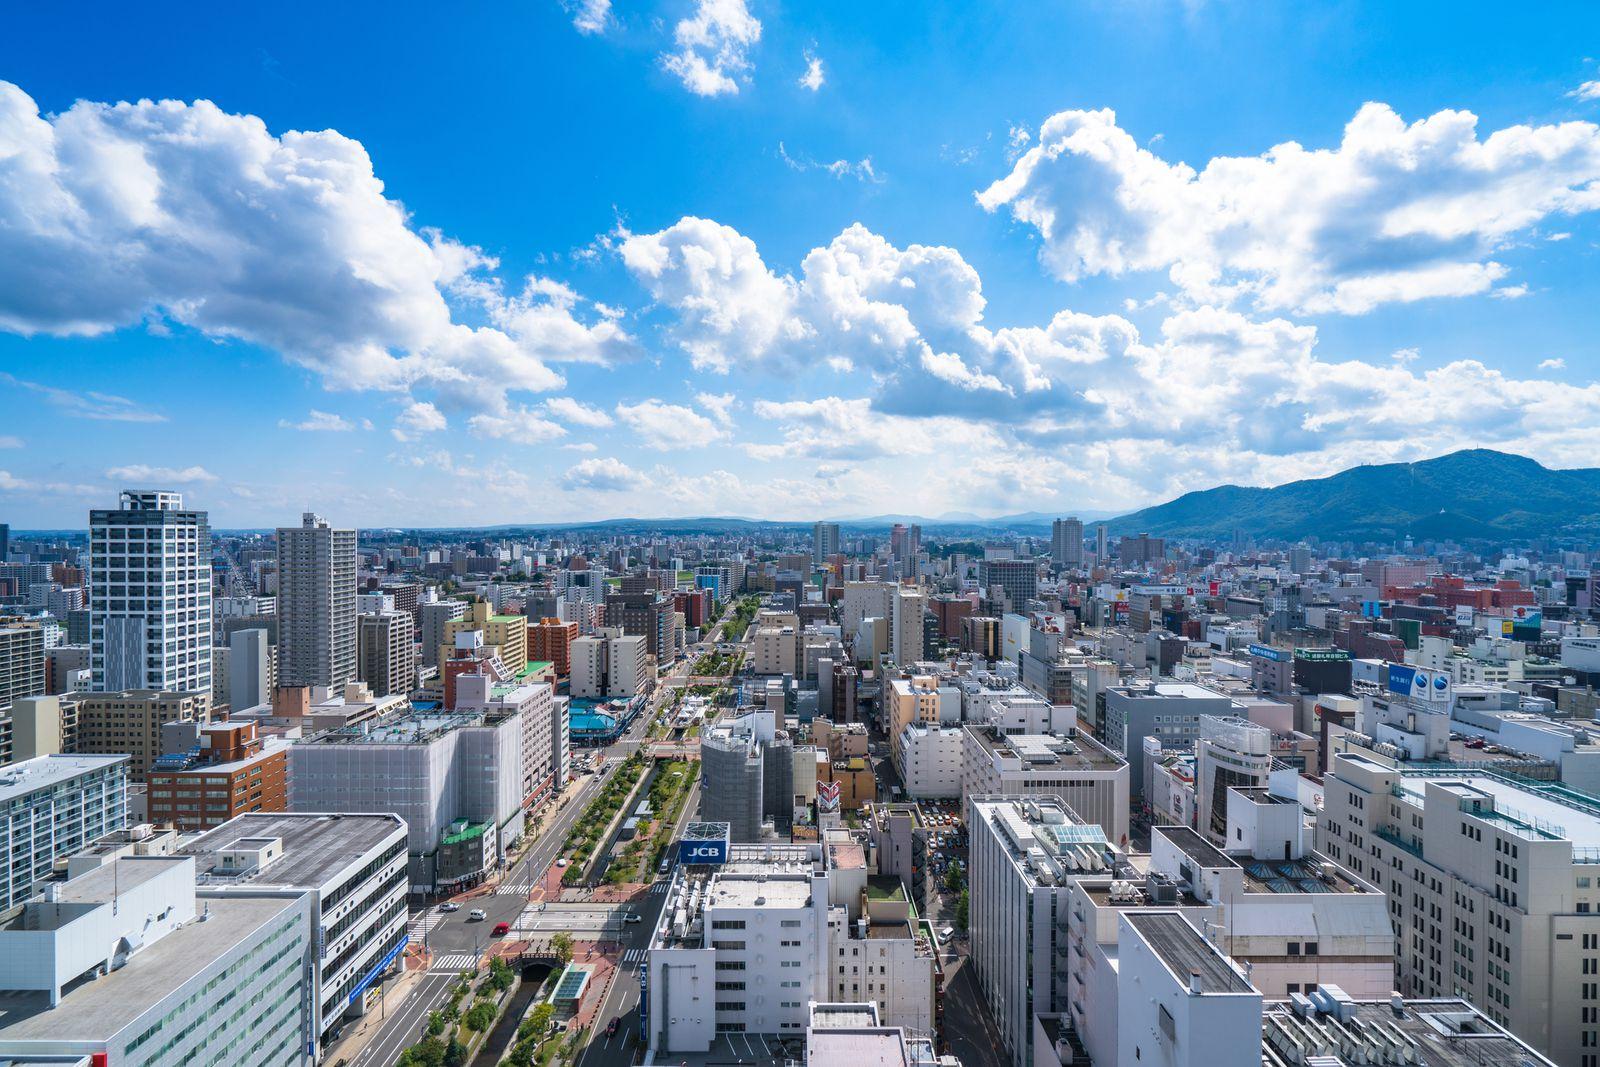 渋谷ストリーム/SHIBUYA STREAM